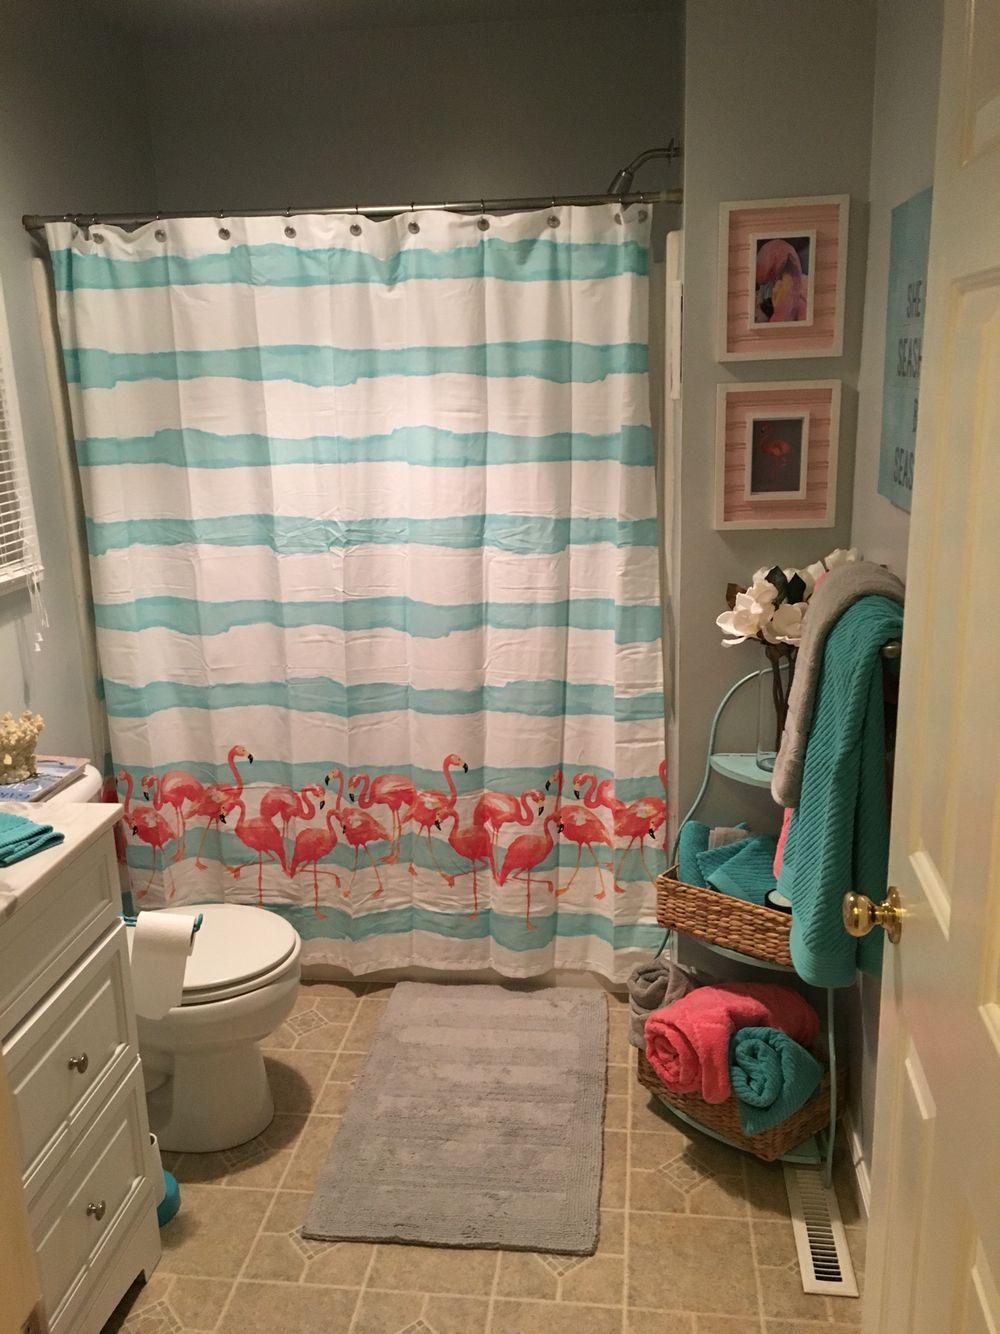 Bathroom Pink Flamingos Aqua Blue Gray Pink Bathroom Decor Blue Bathroom Decor Restroom Decor